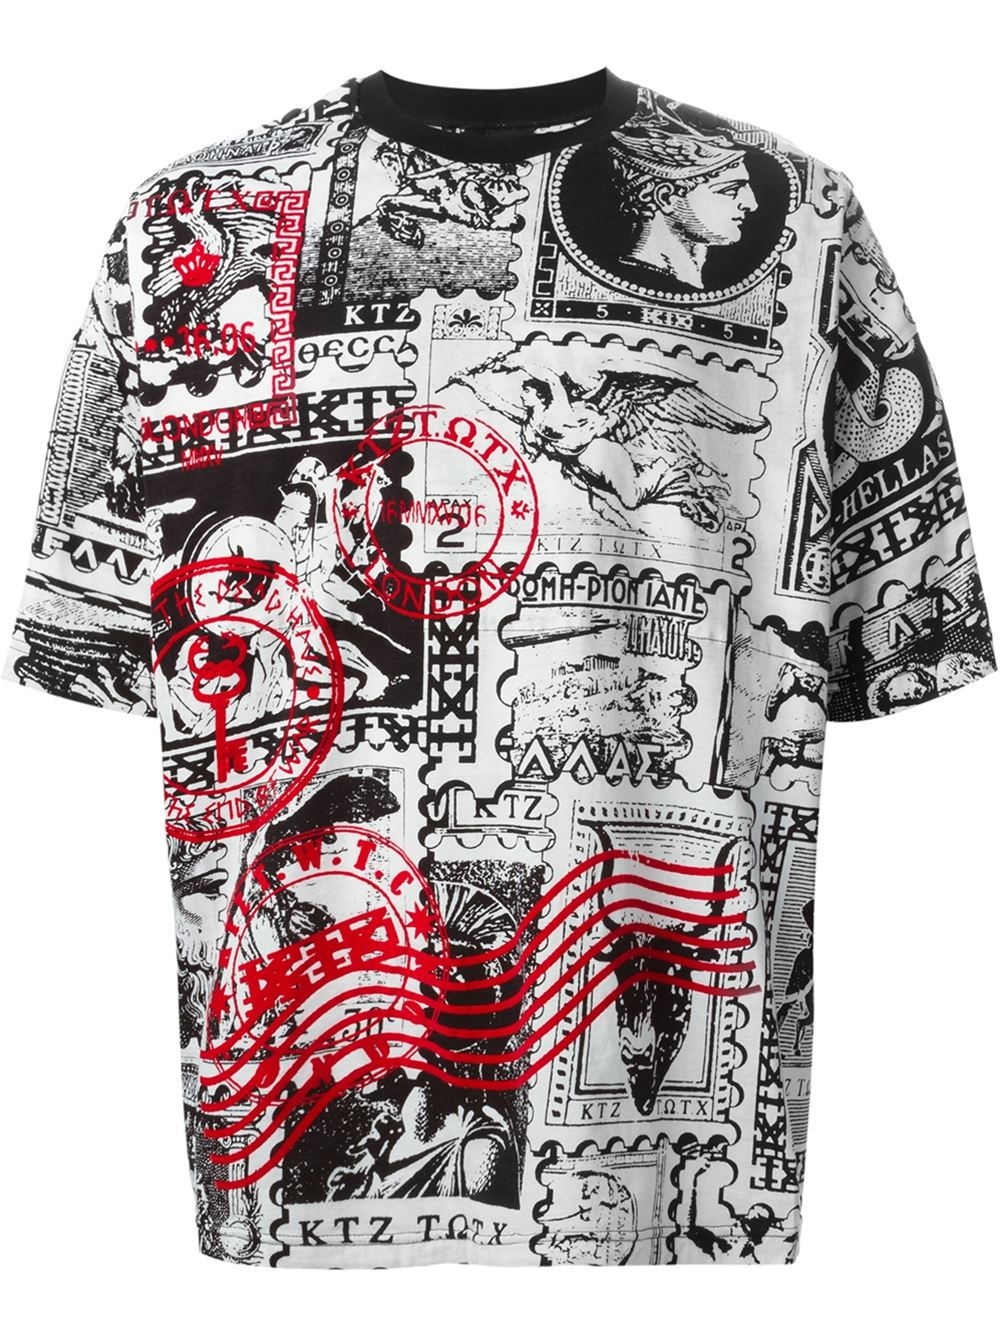 Ktz Oversized Stamp Print T Shirt In Black For Men White